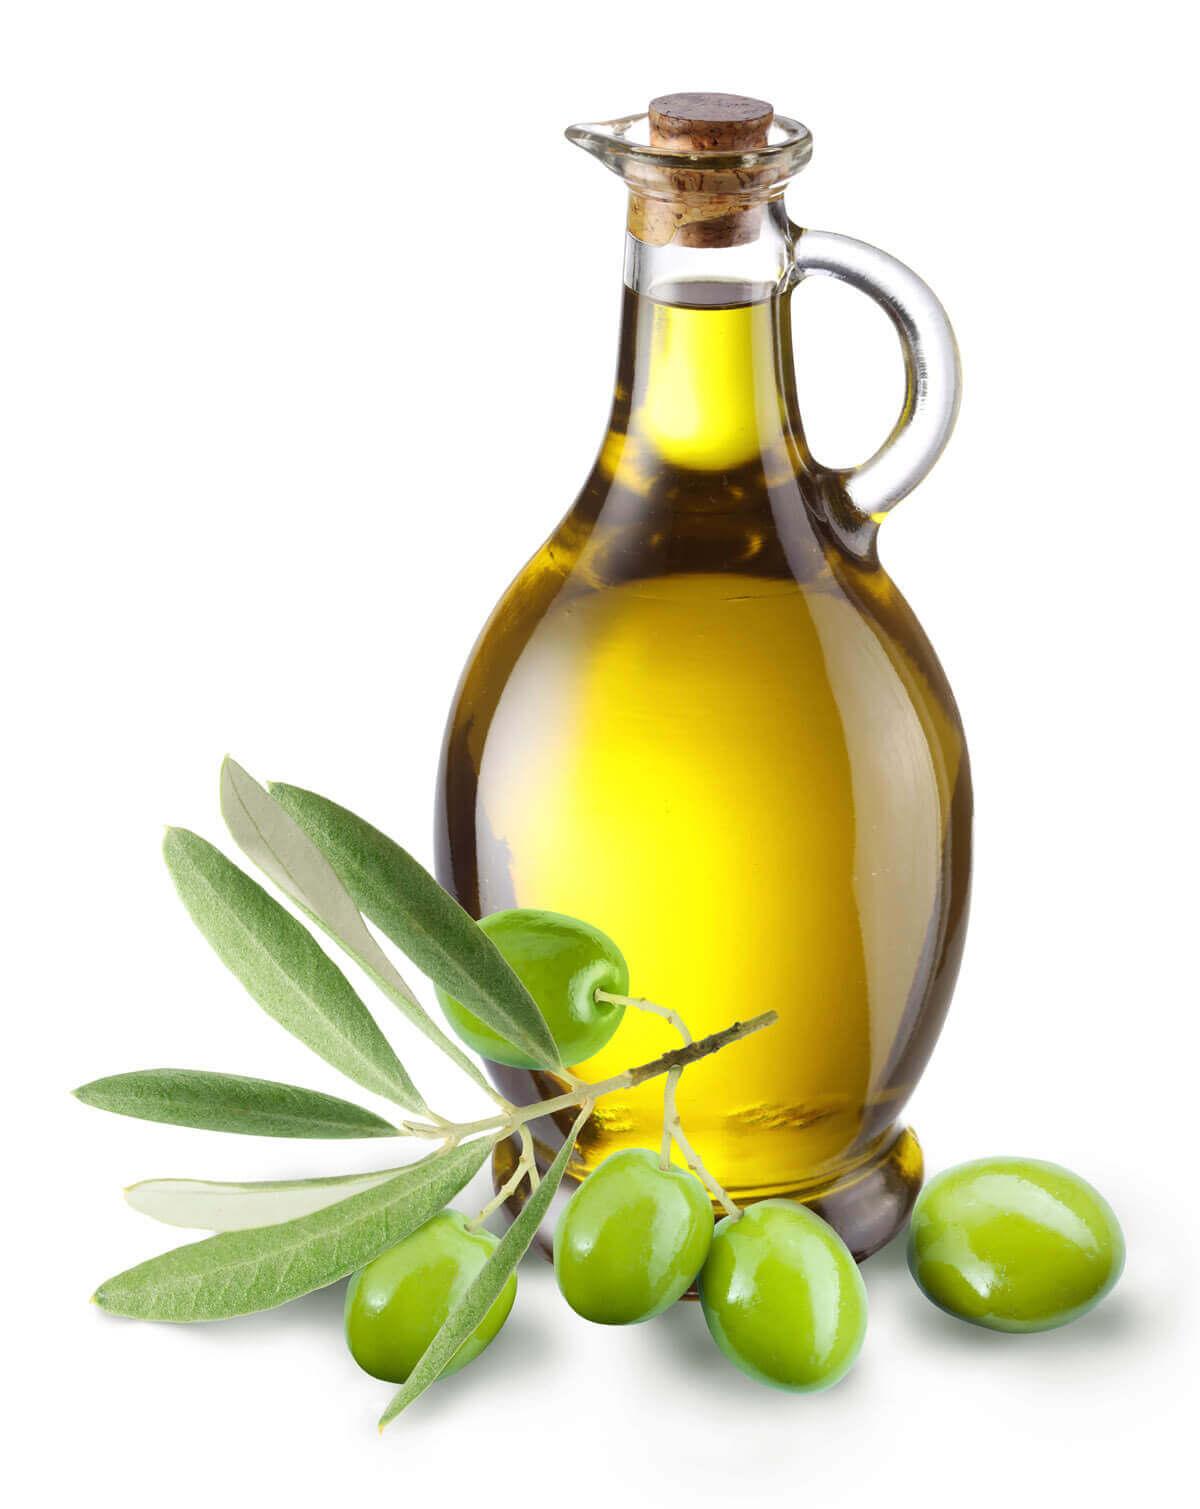 olívaolaj az artrózis kezelésében)